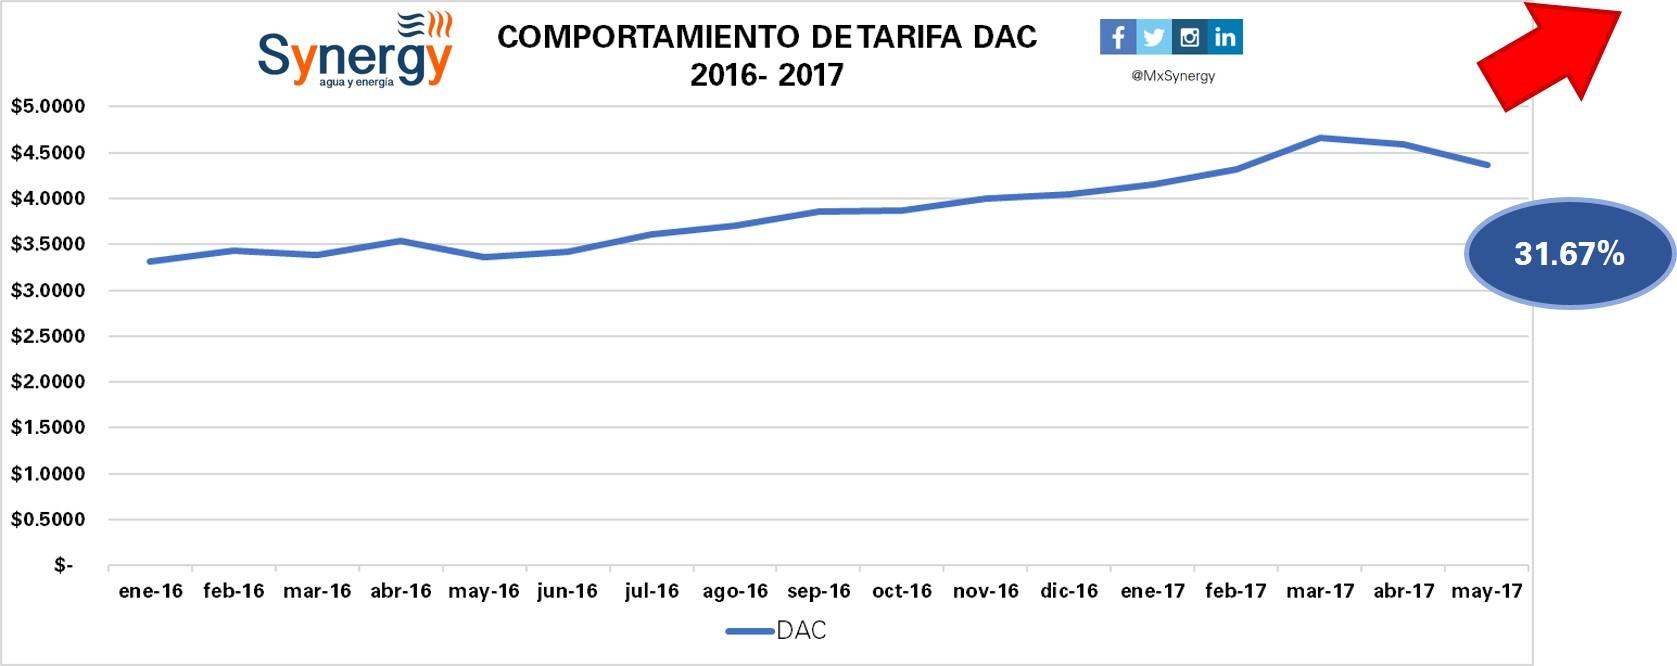 Tarifa DAC 2016-2017